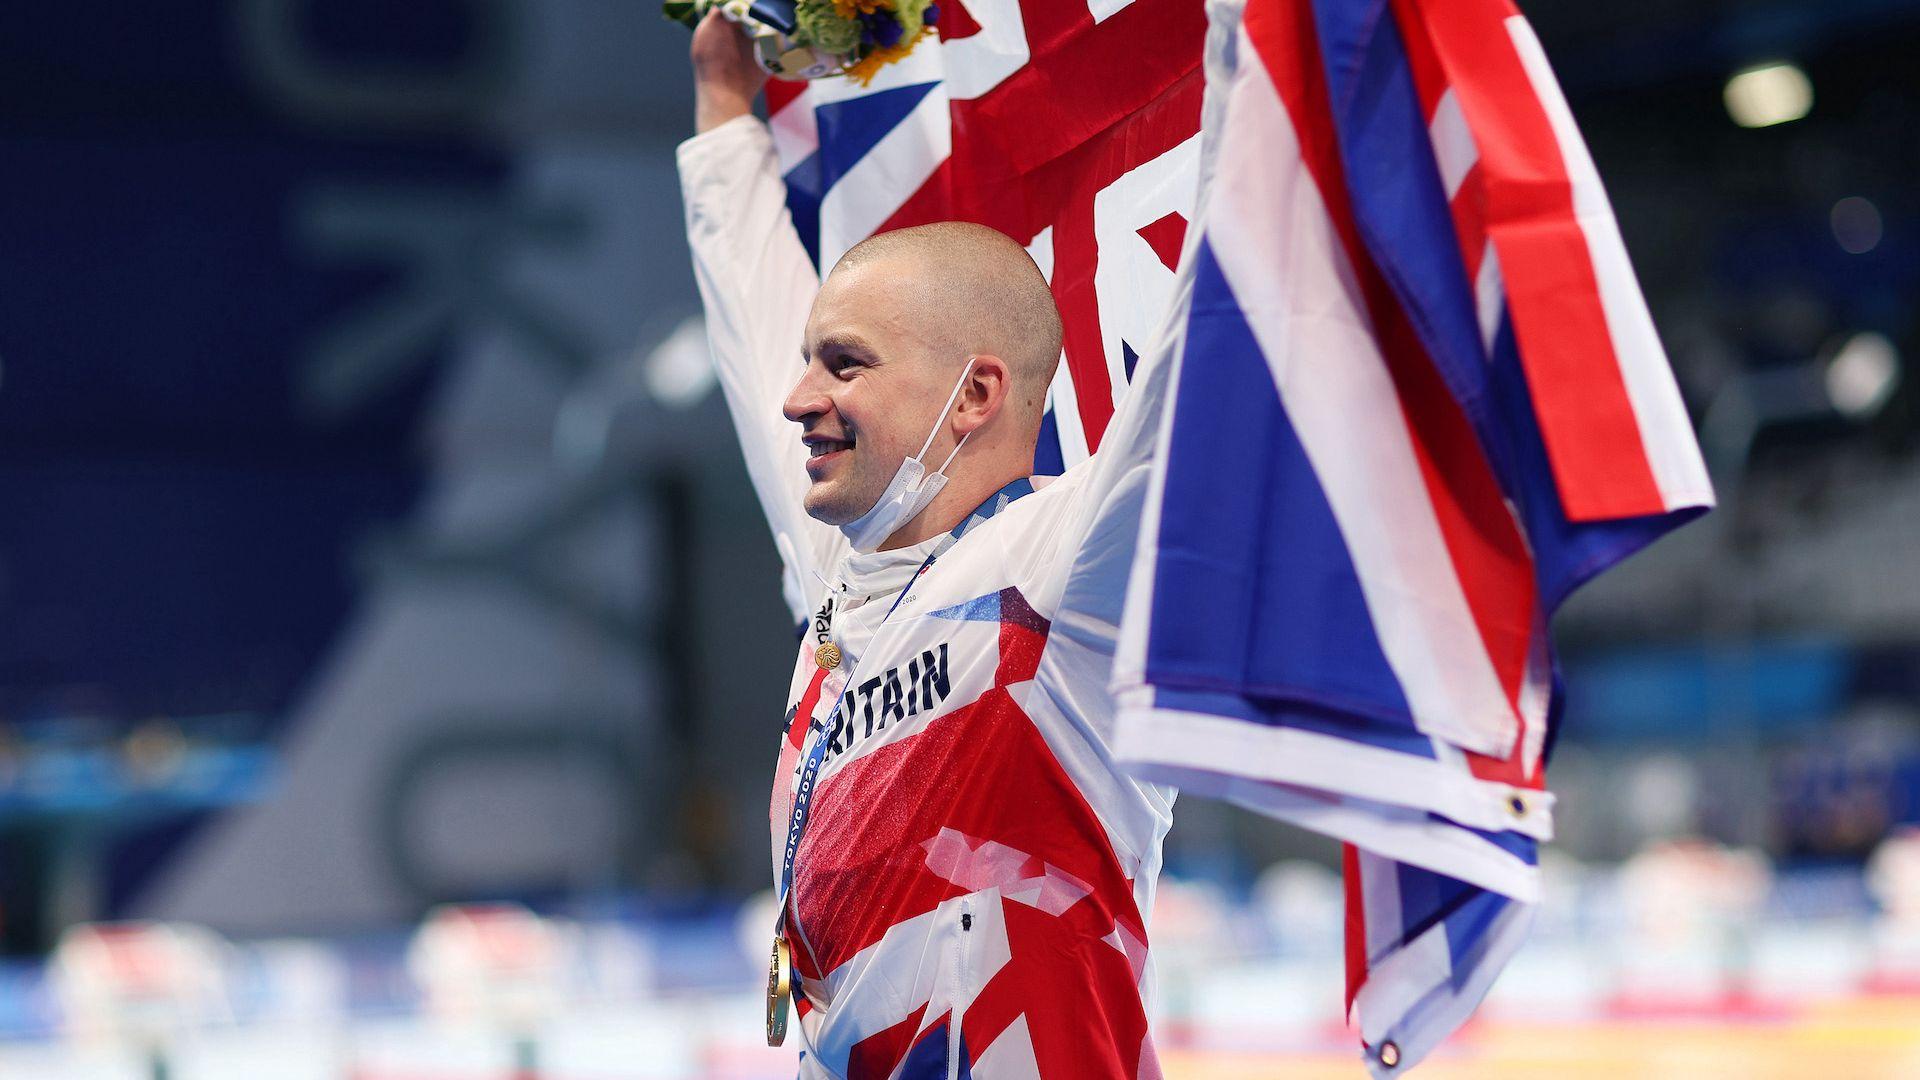 Ново олимпийско злато за Пийти, вече седем години няма кой да го бие